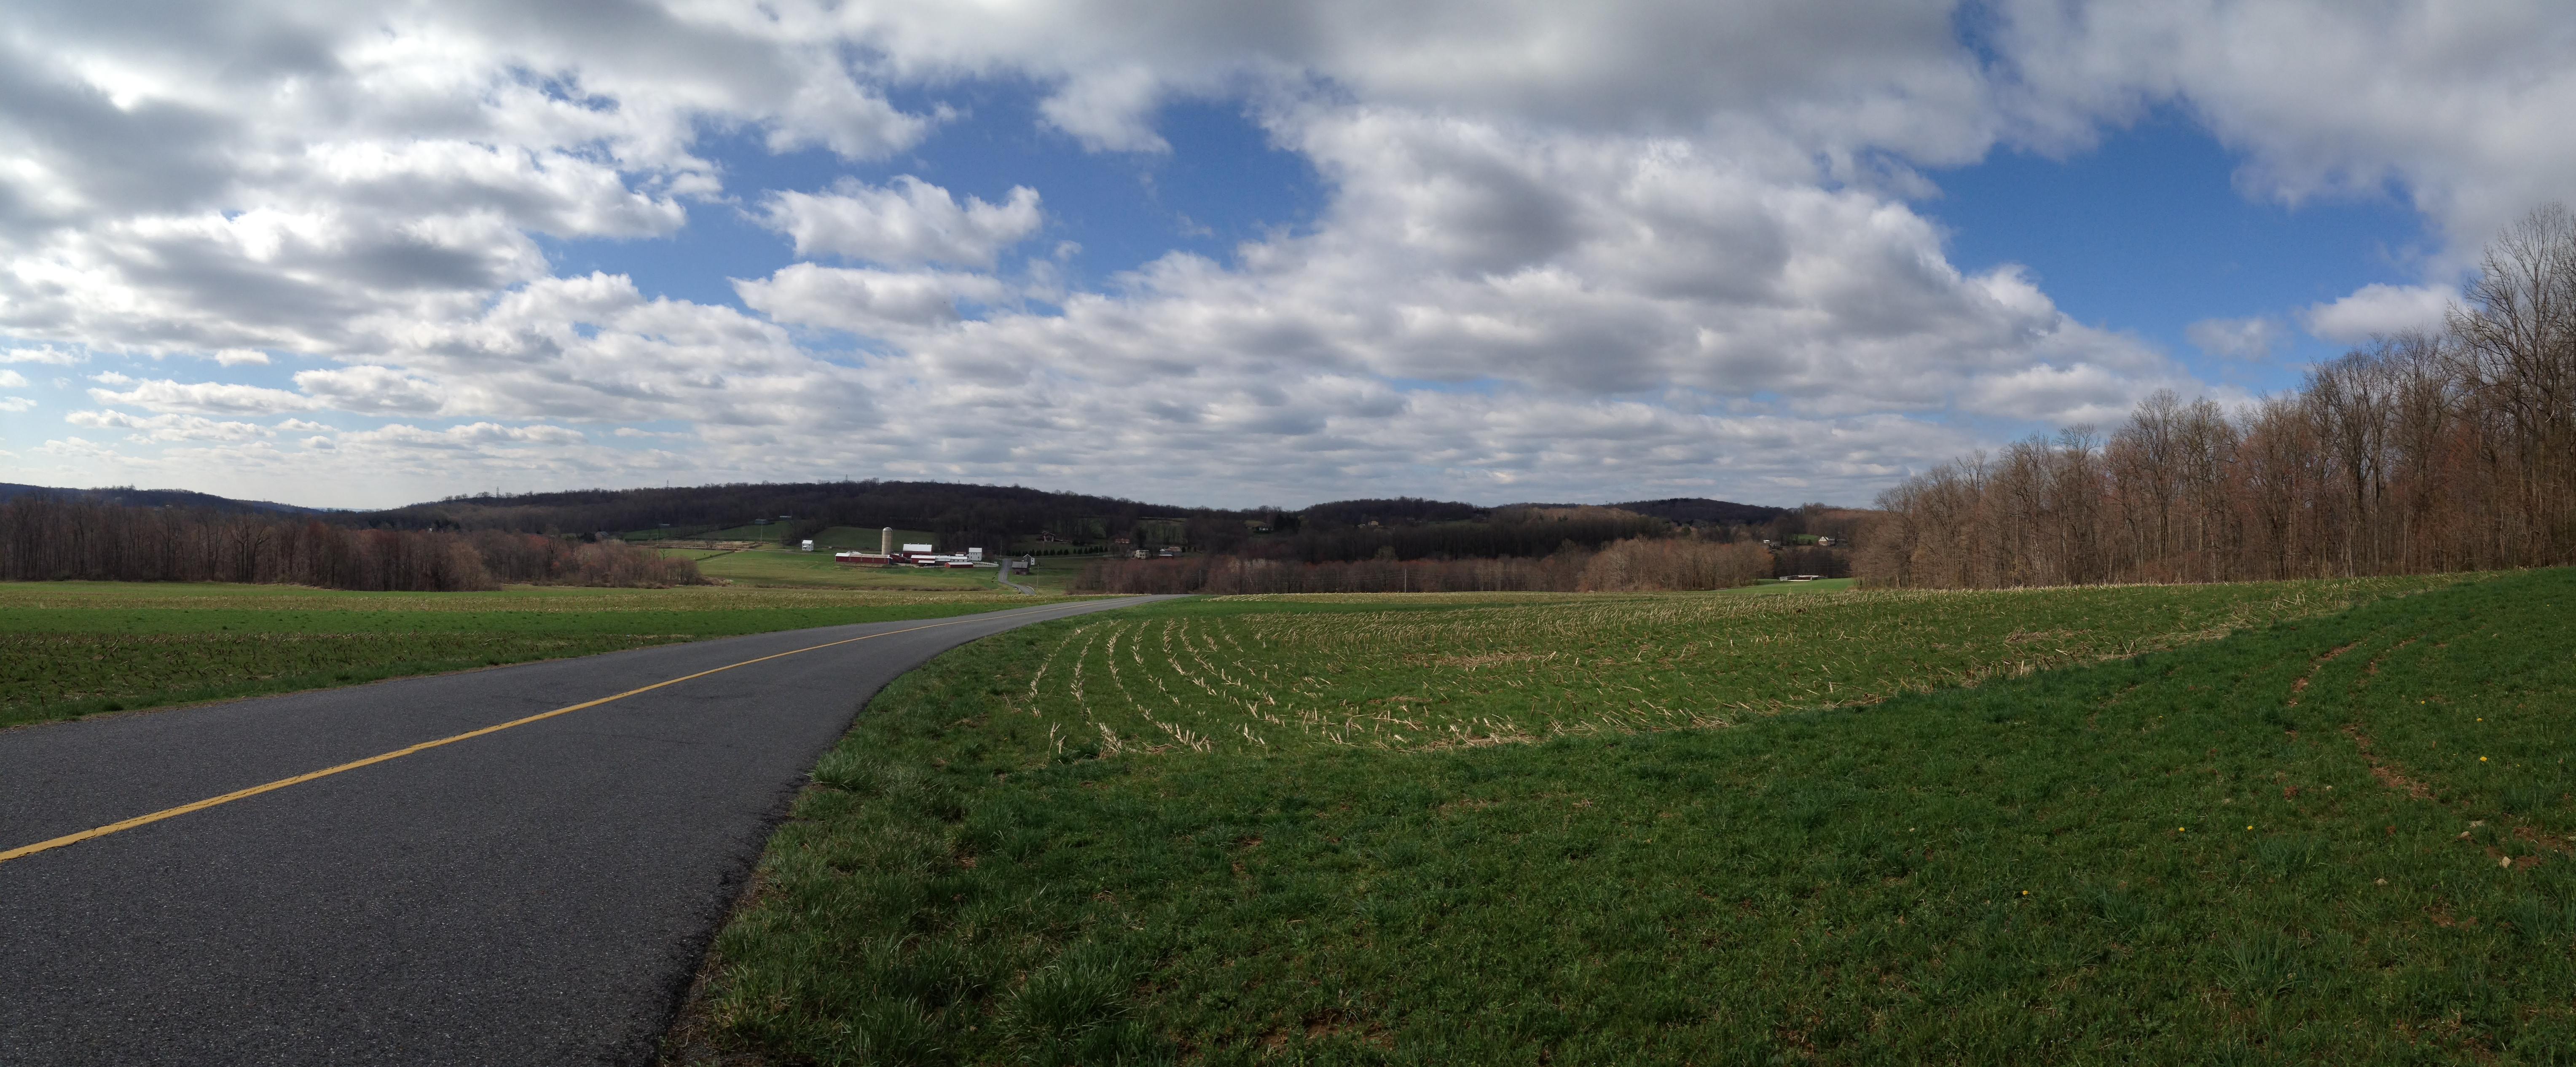 Huff's Church Rd Farm